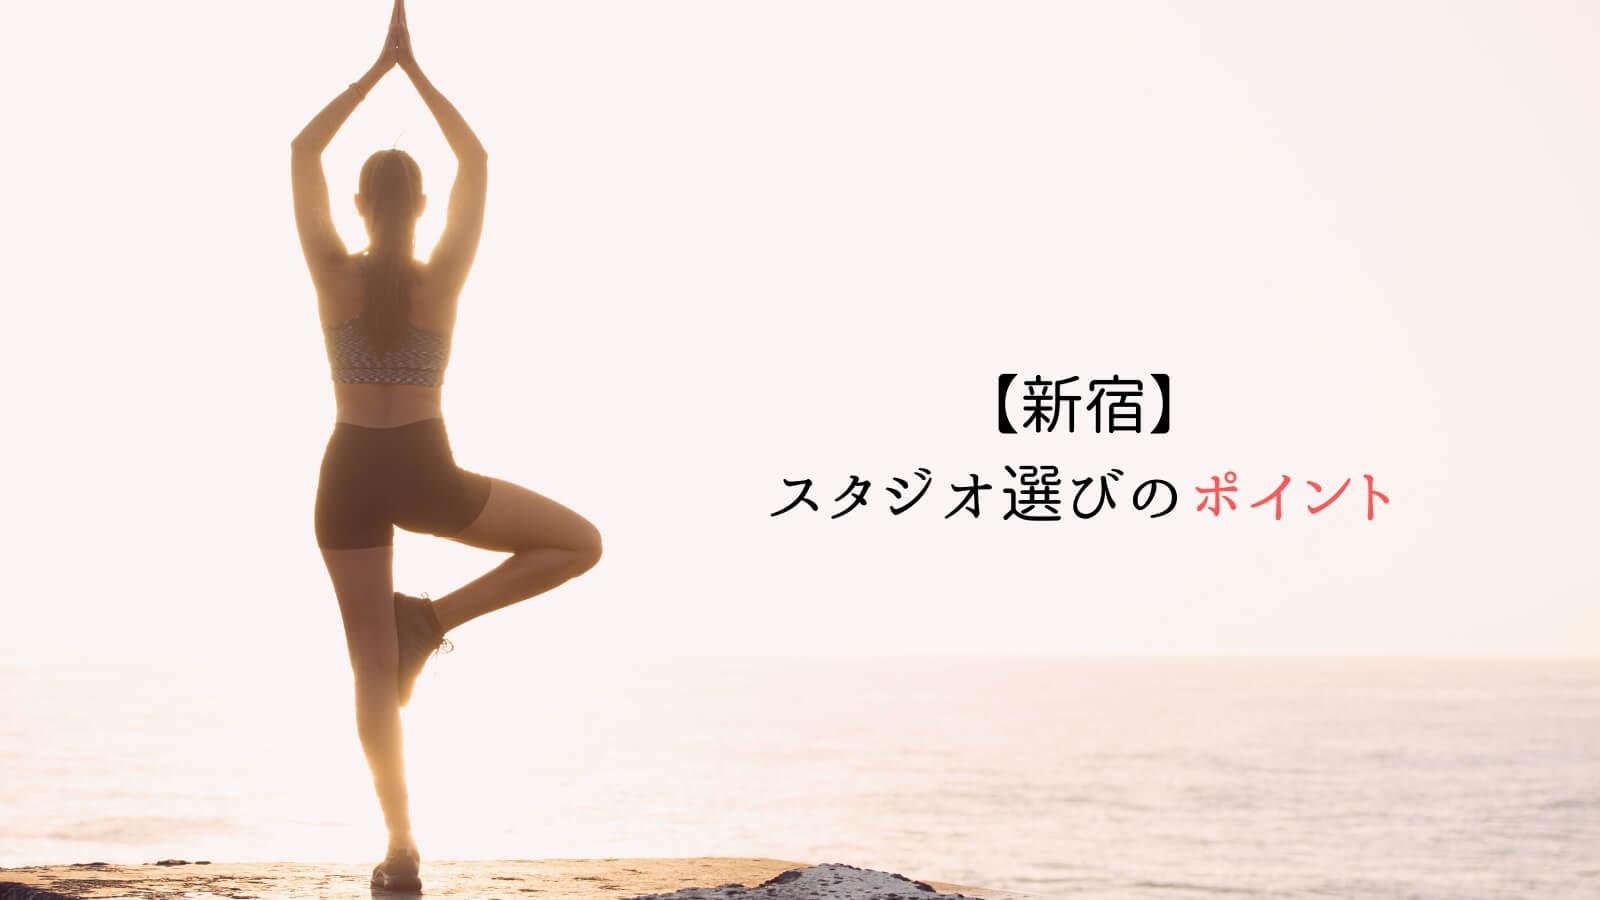 新宿のピラティススタジオ選びのポイント